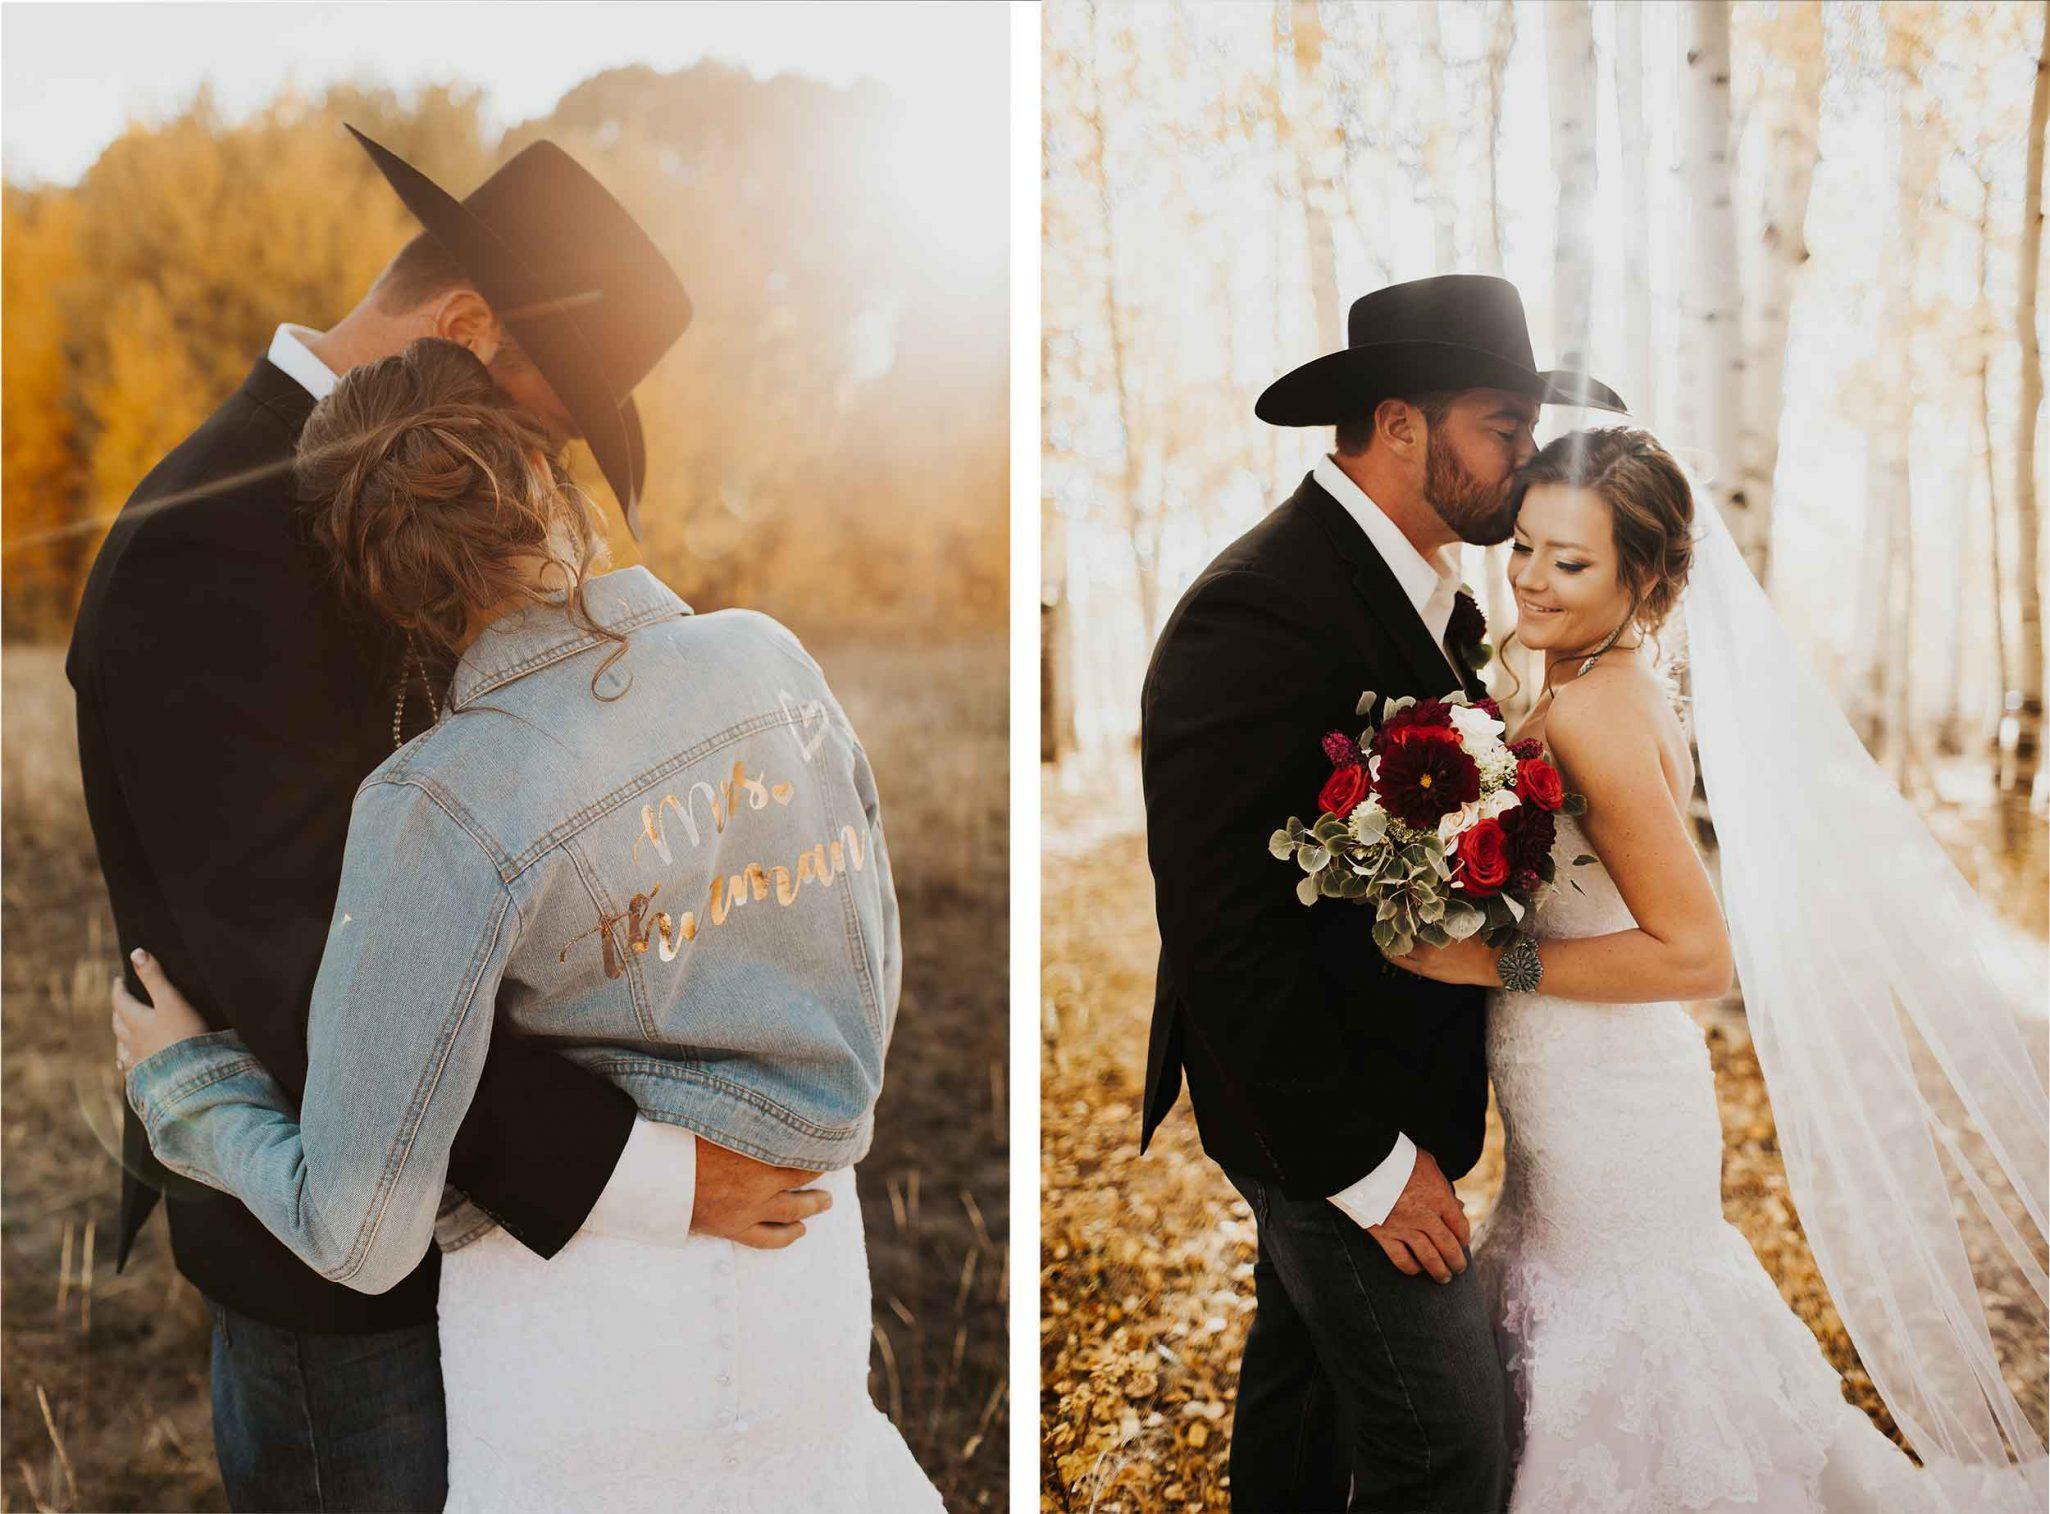 Ranch wedding at Double R Ranch, Mancos, Colorado